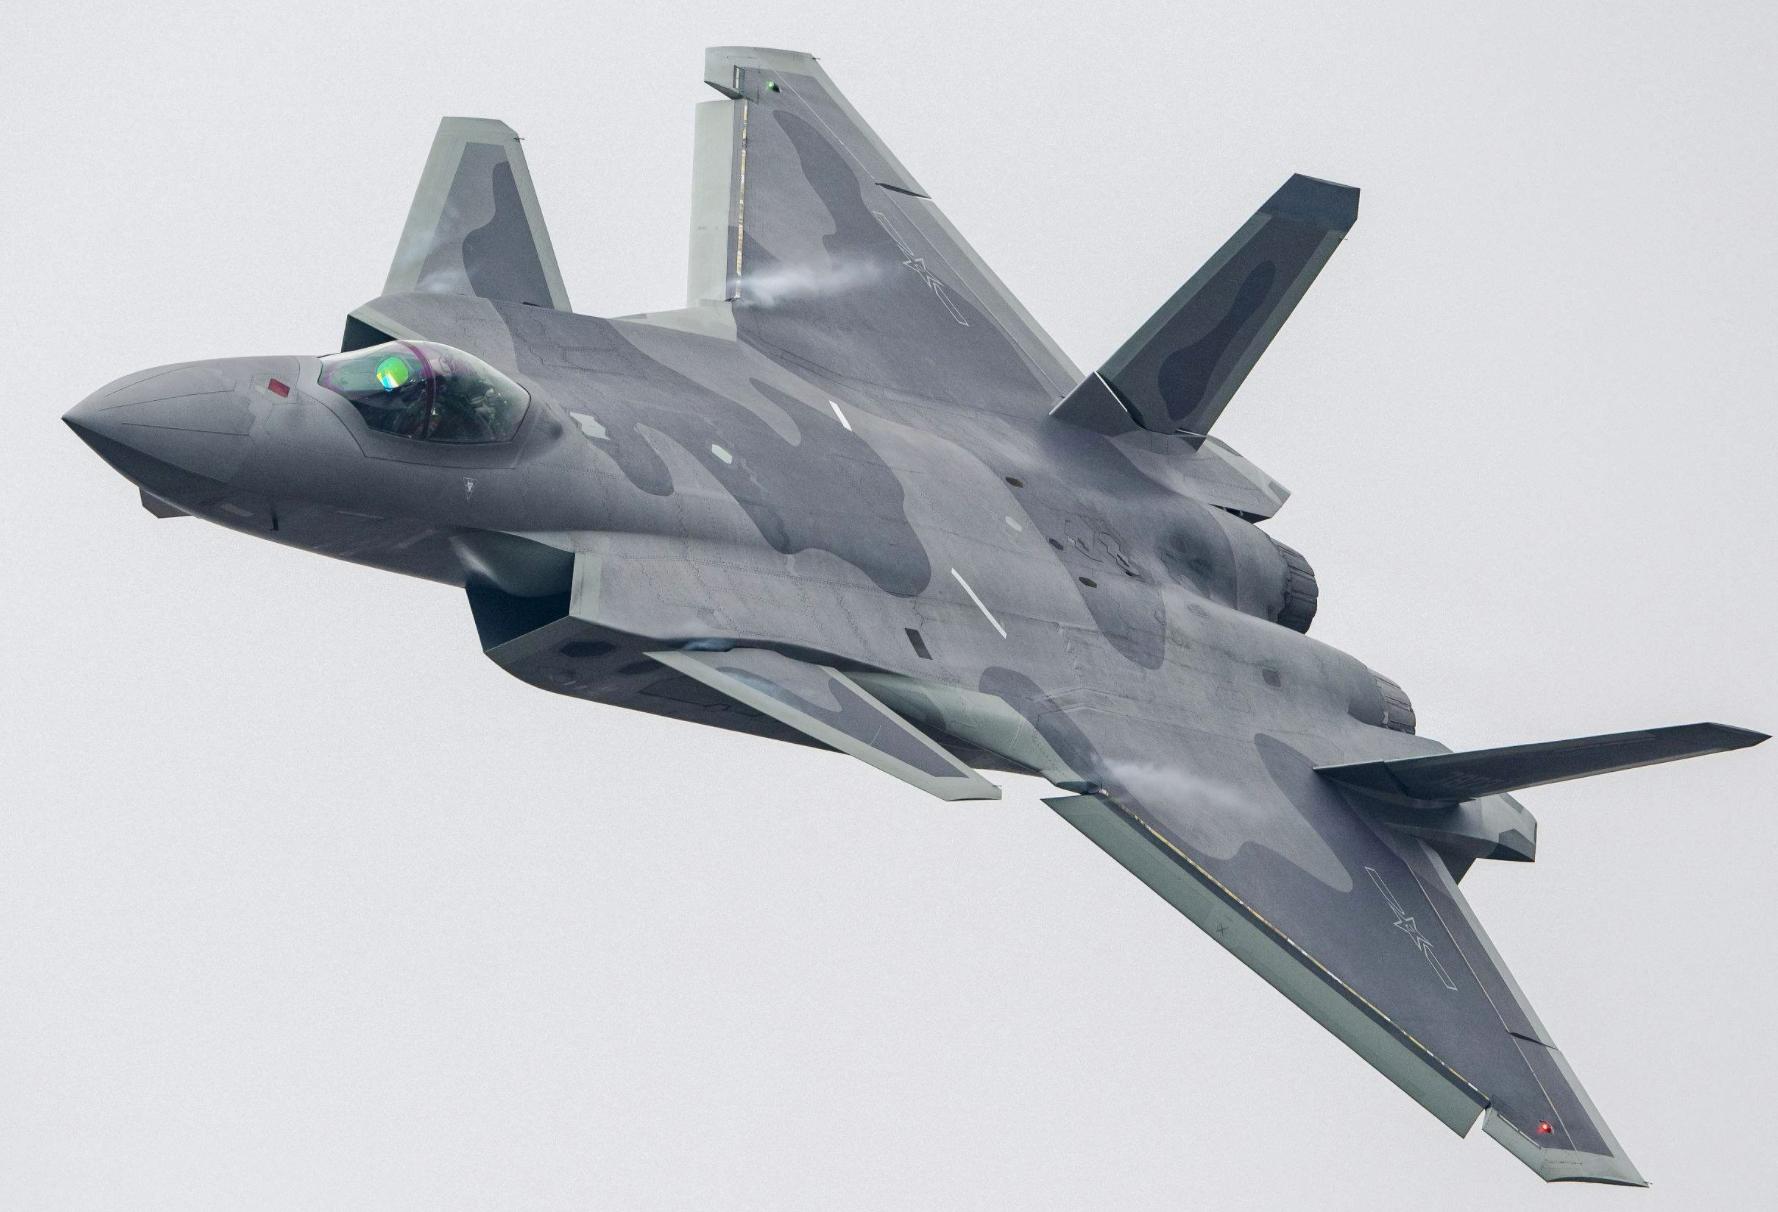 印度空军认为歼20只是3.5代飞机